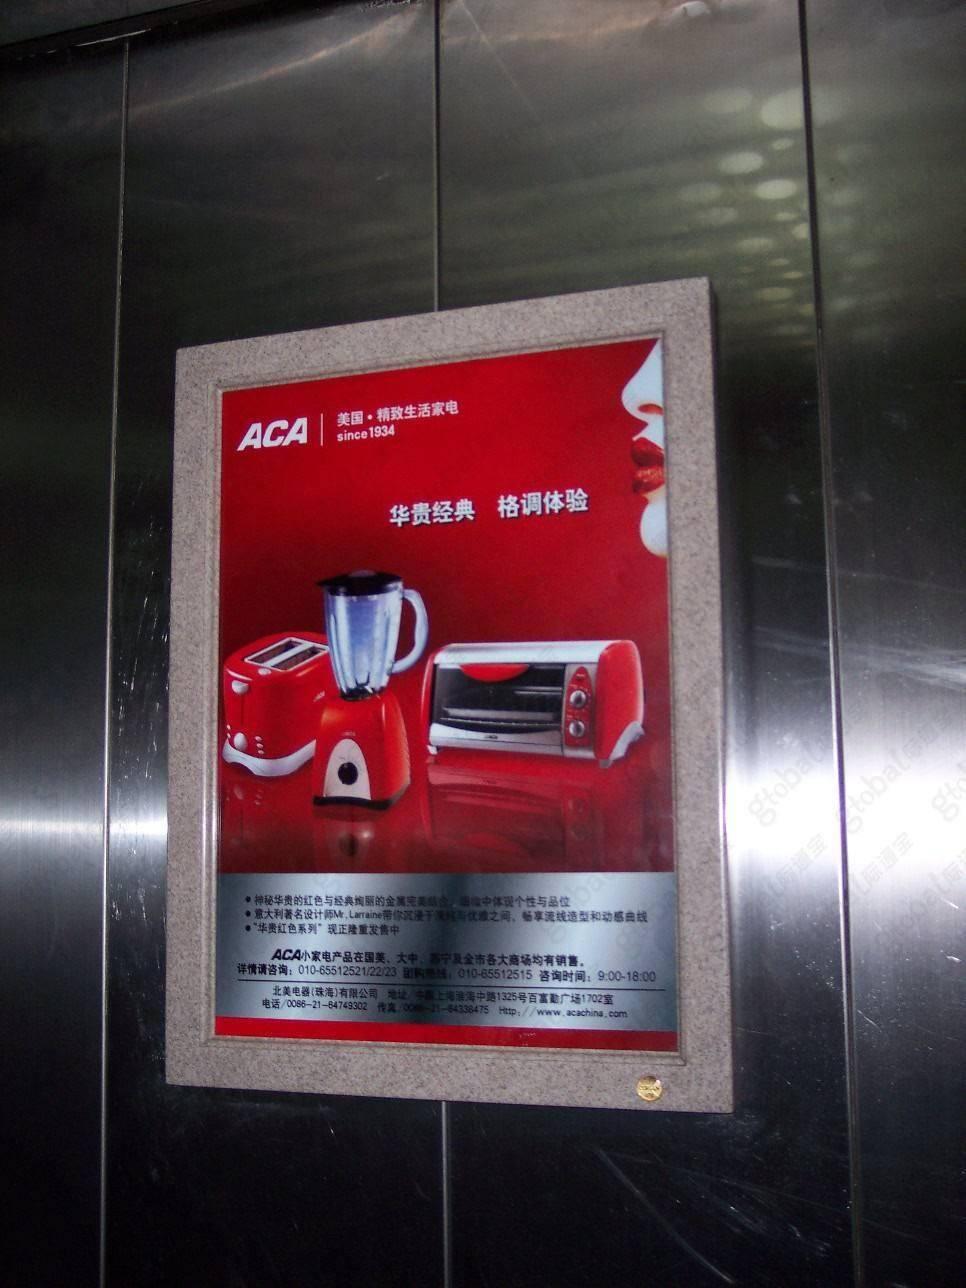 镇江电梯广告公司广告牌框架3.0投放(100框起投)